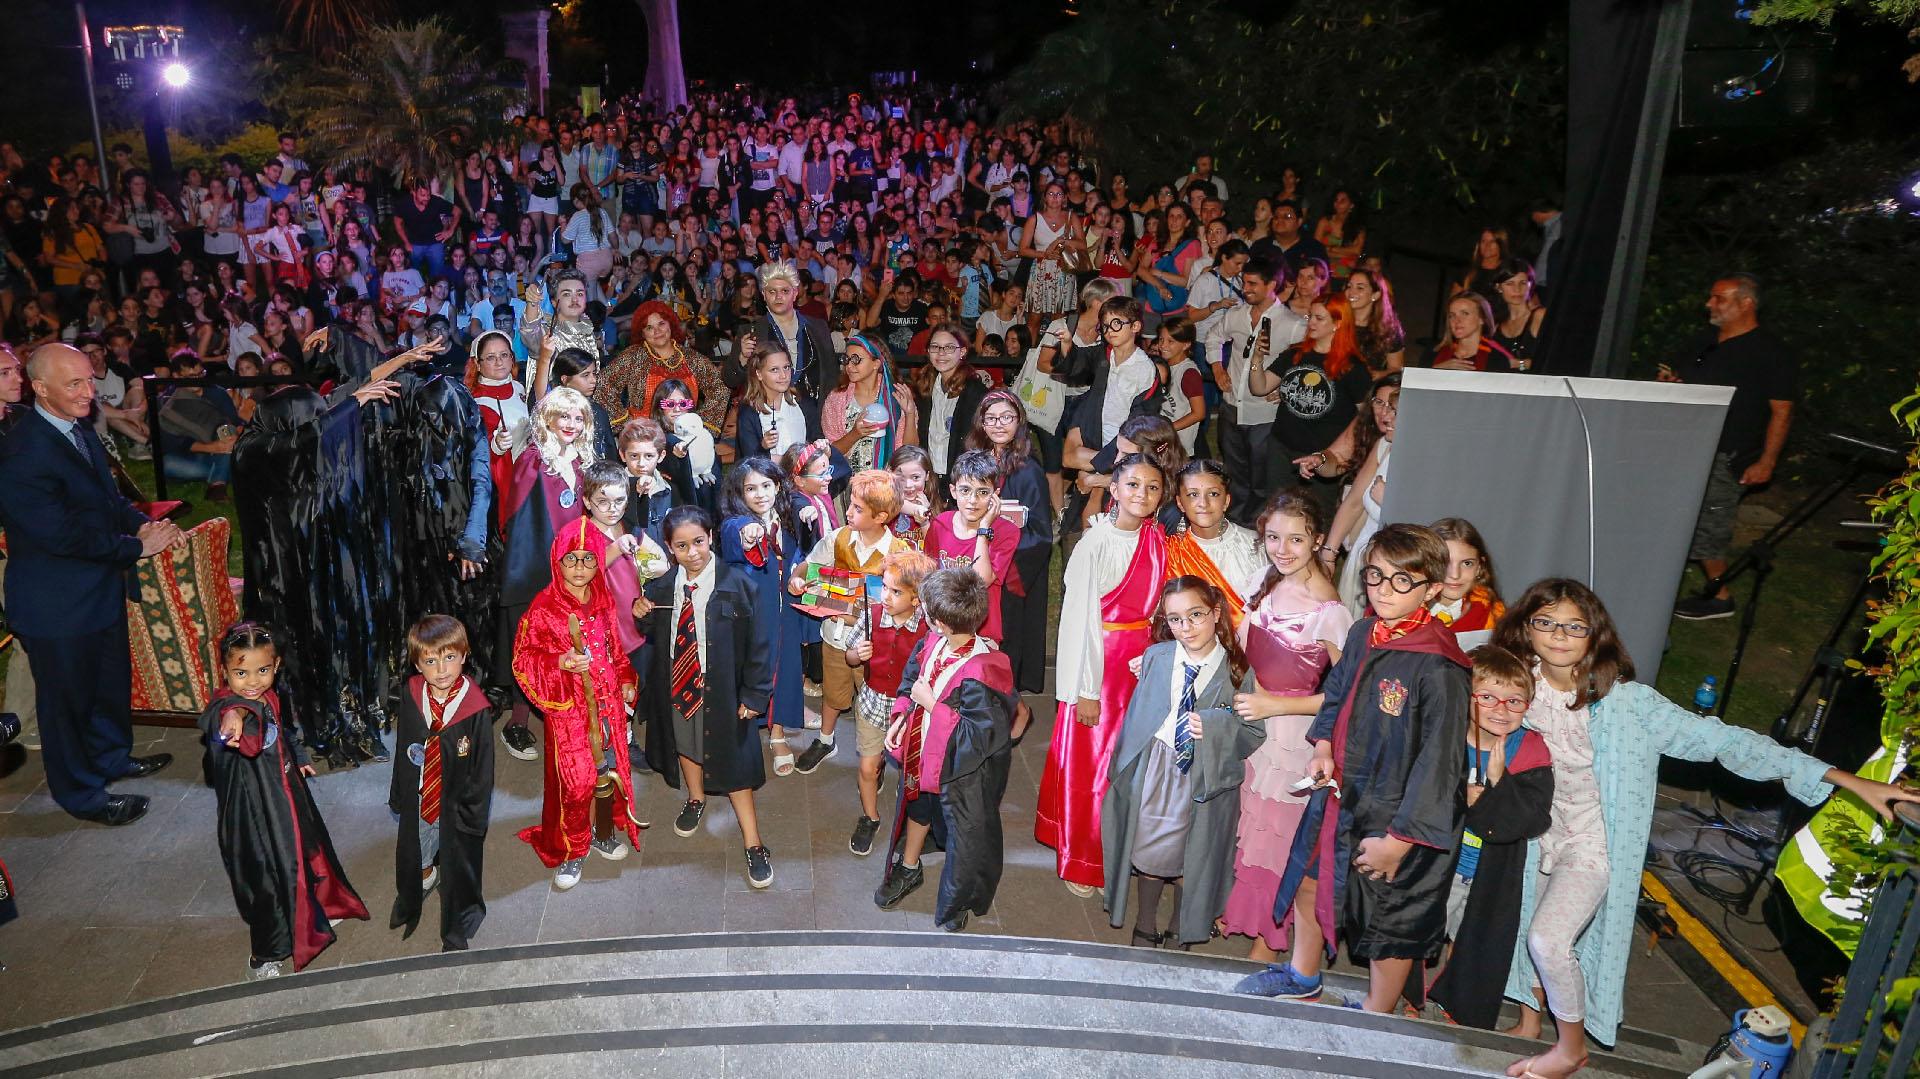 La cuarta edición recibió a más de 1500 fans que celebraron el mundo mágico que instaló en una generación de niños la lecturacomo pasión